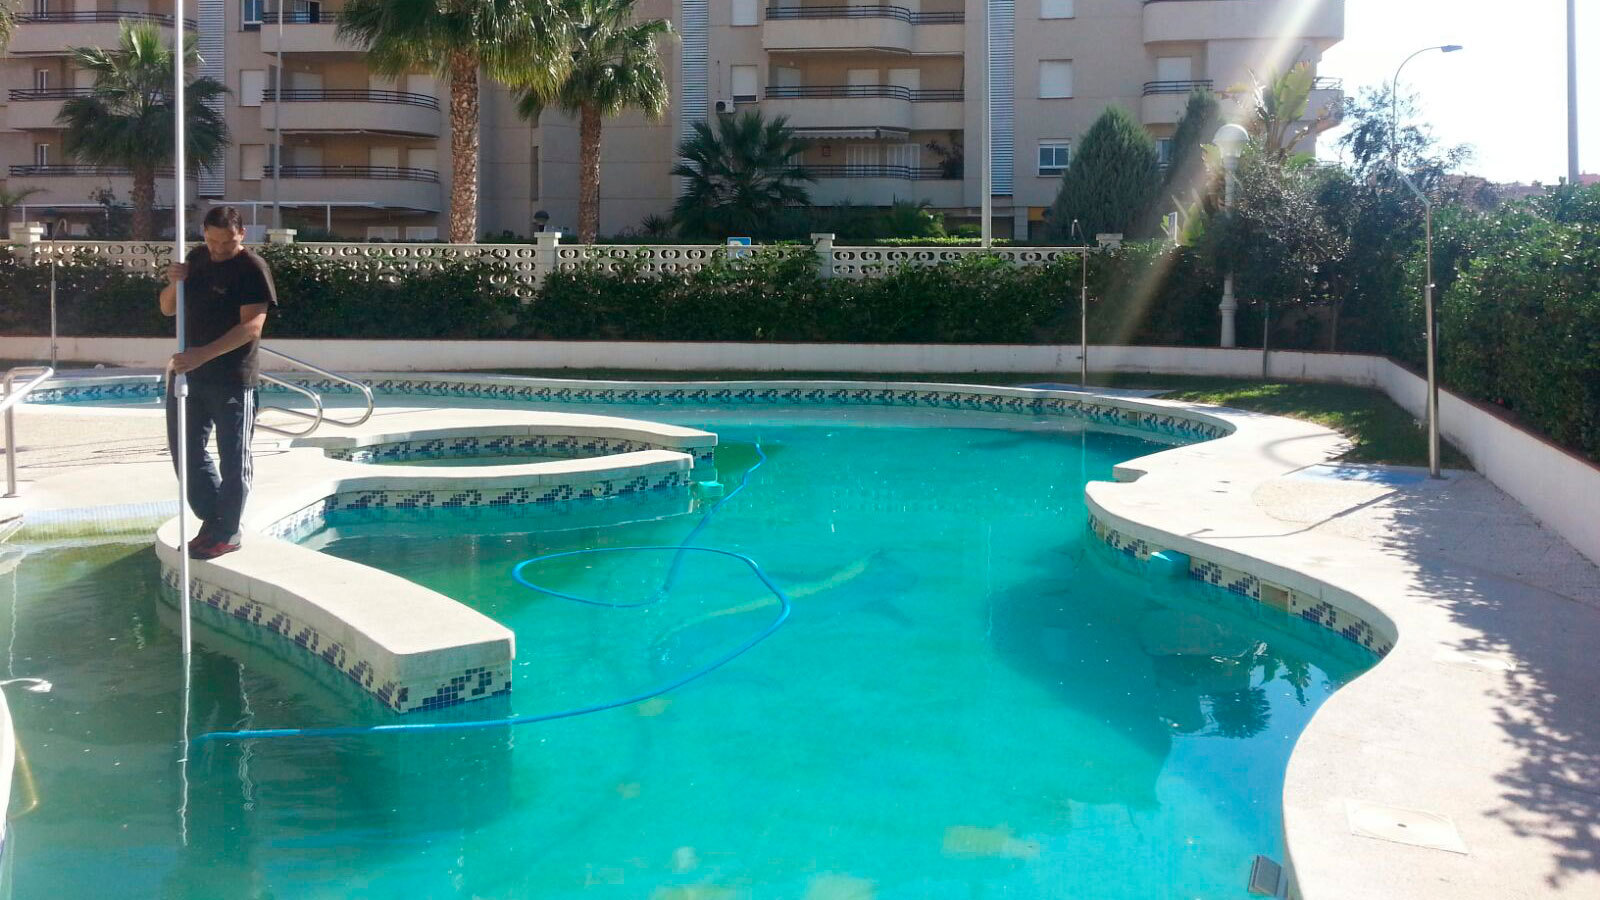 La importancia del mantenimiento de piscinas menorca for Mantenimiento de la piscina